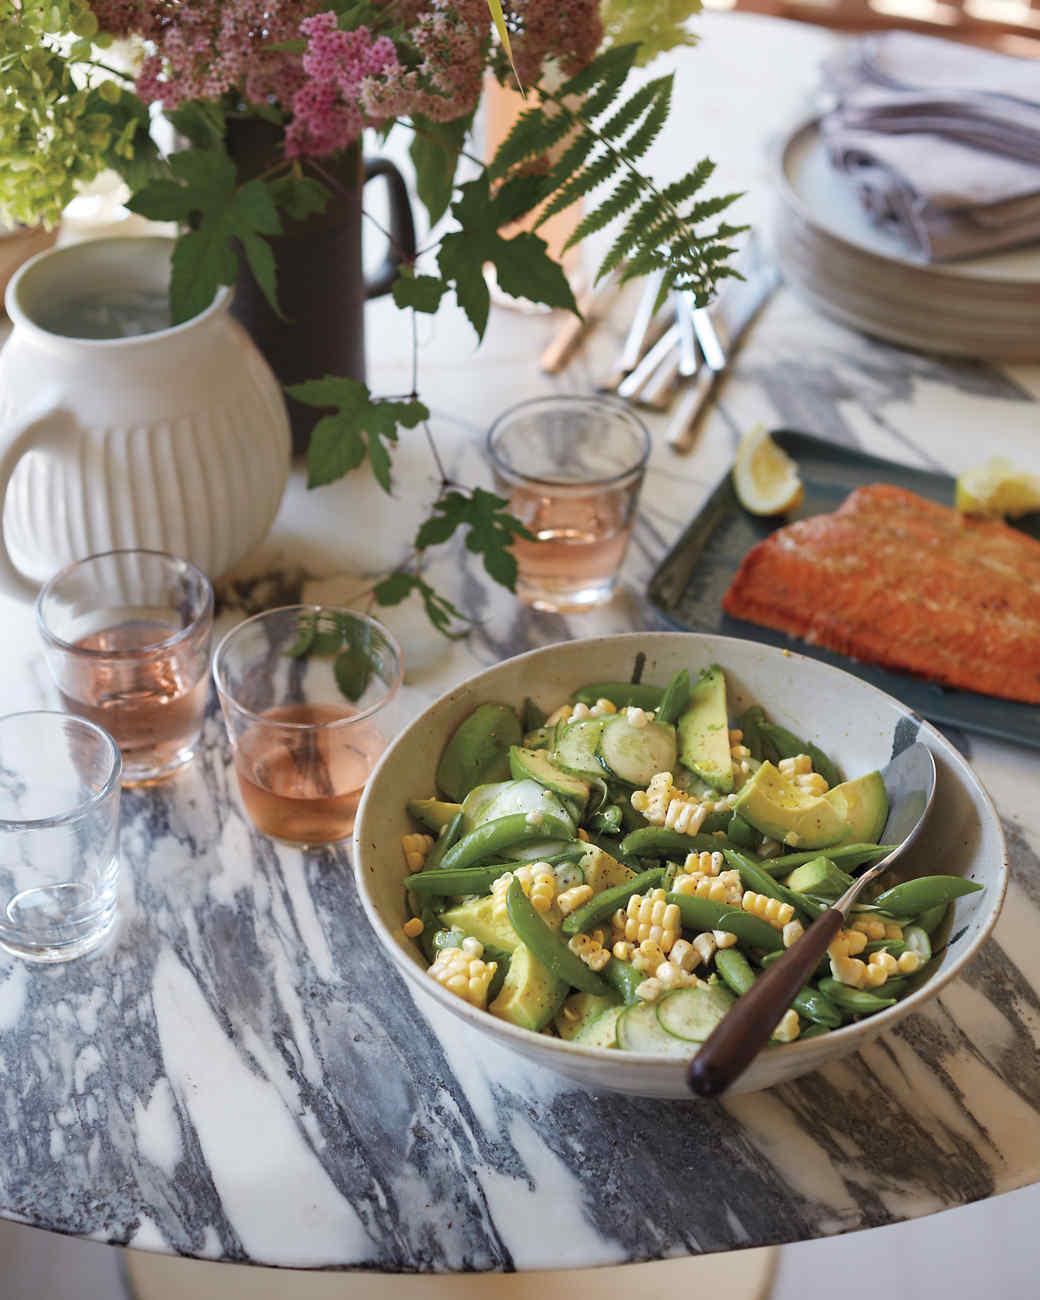 msl-weekend-menu-salad-salmon-053-md109410.jpg